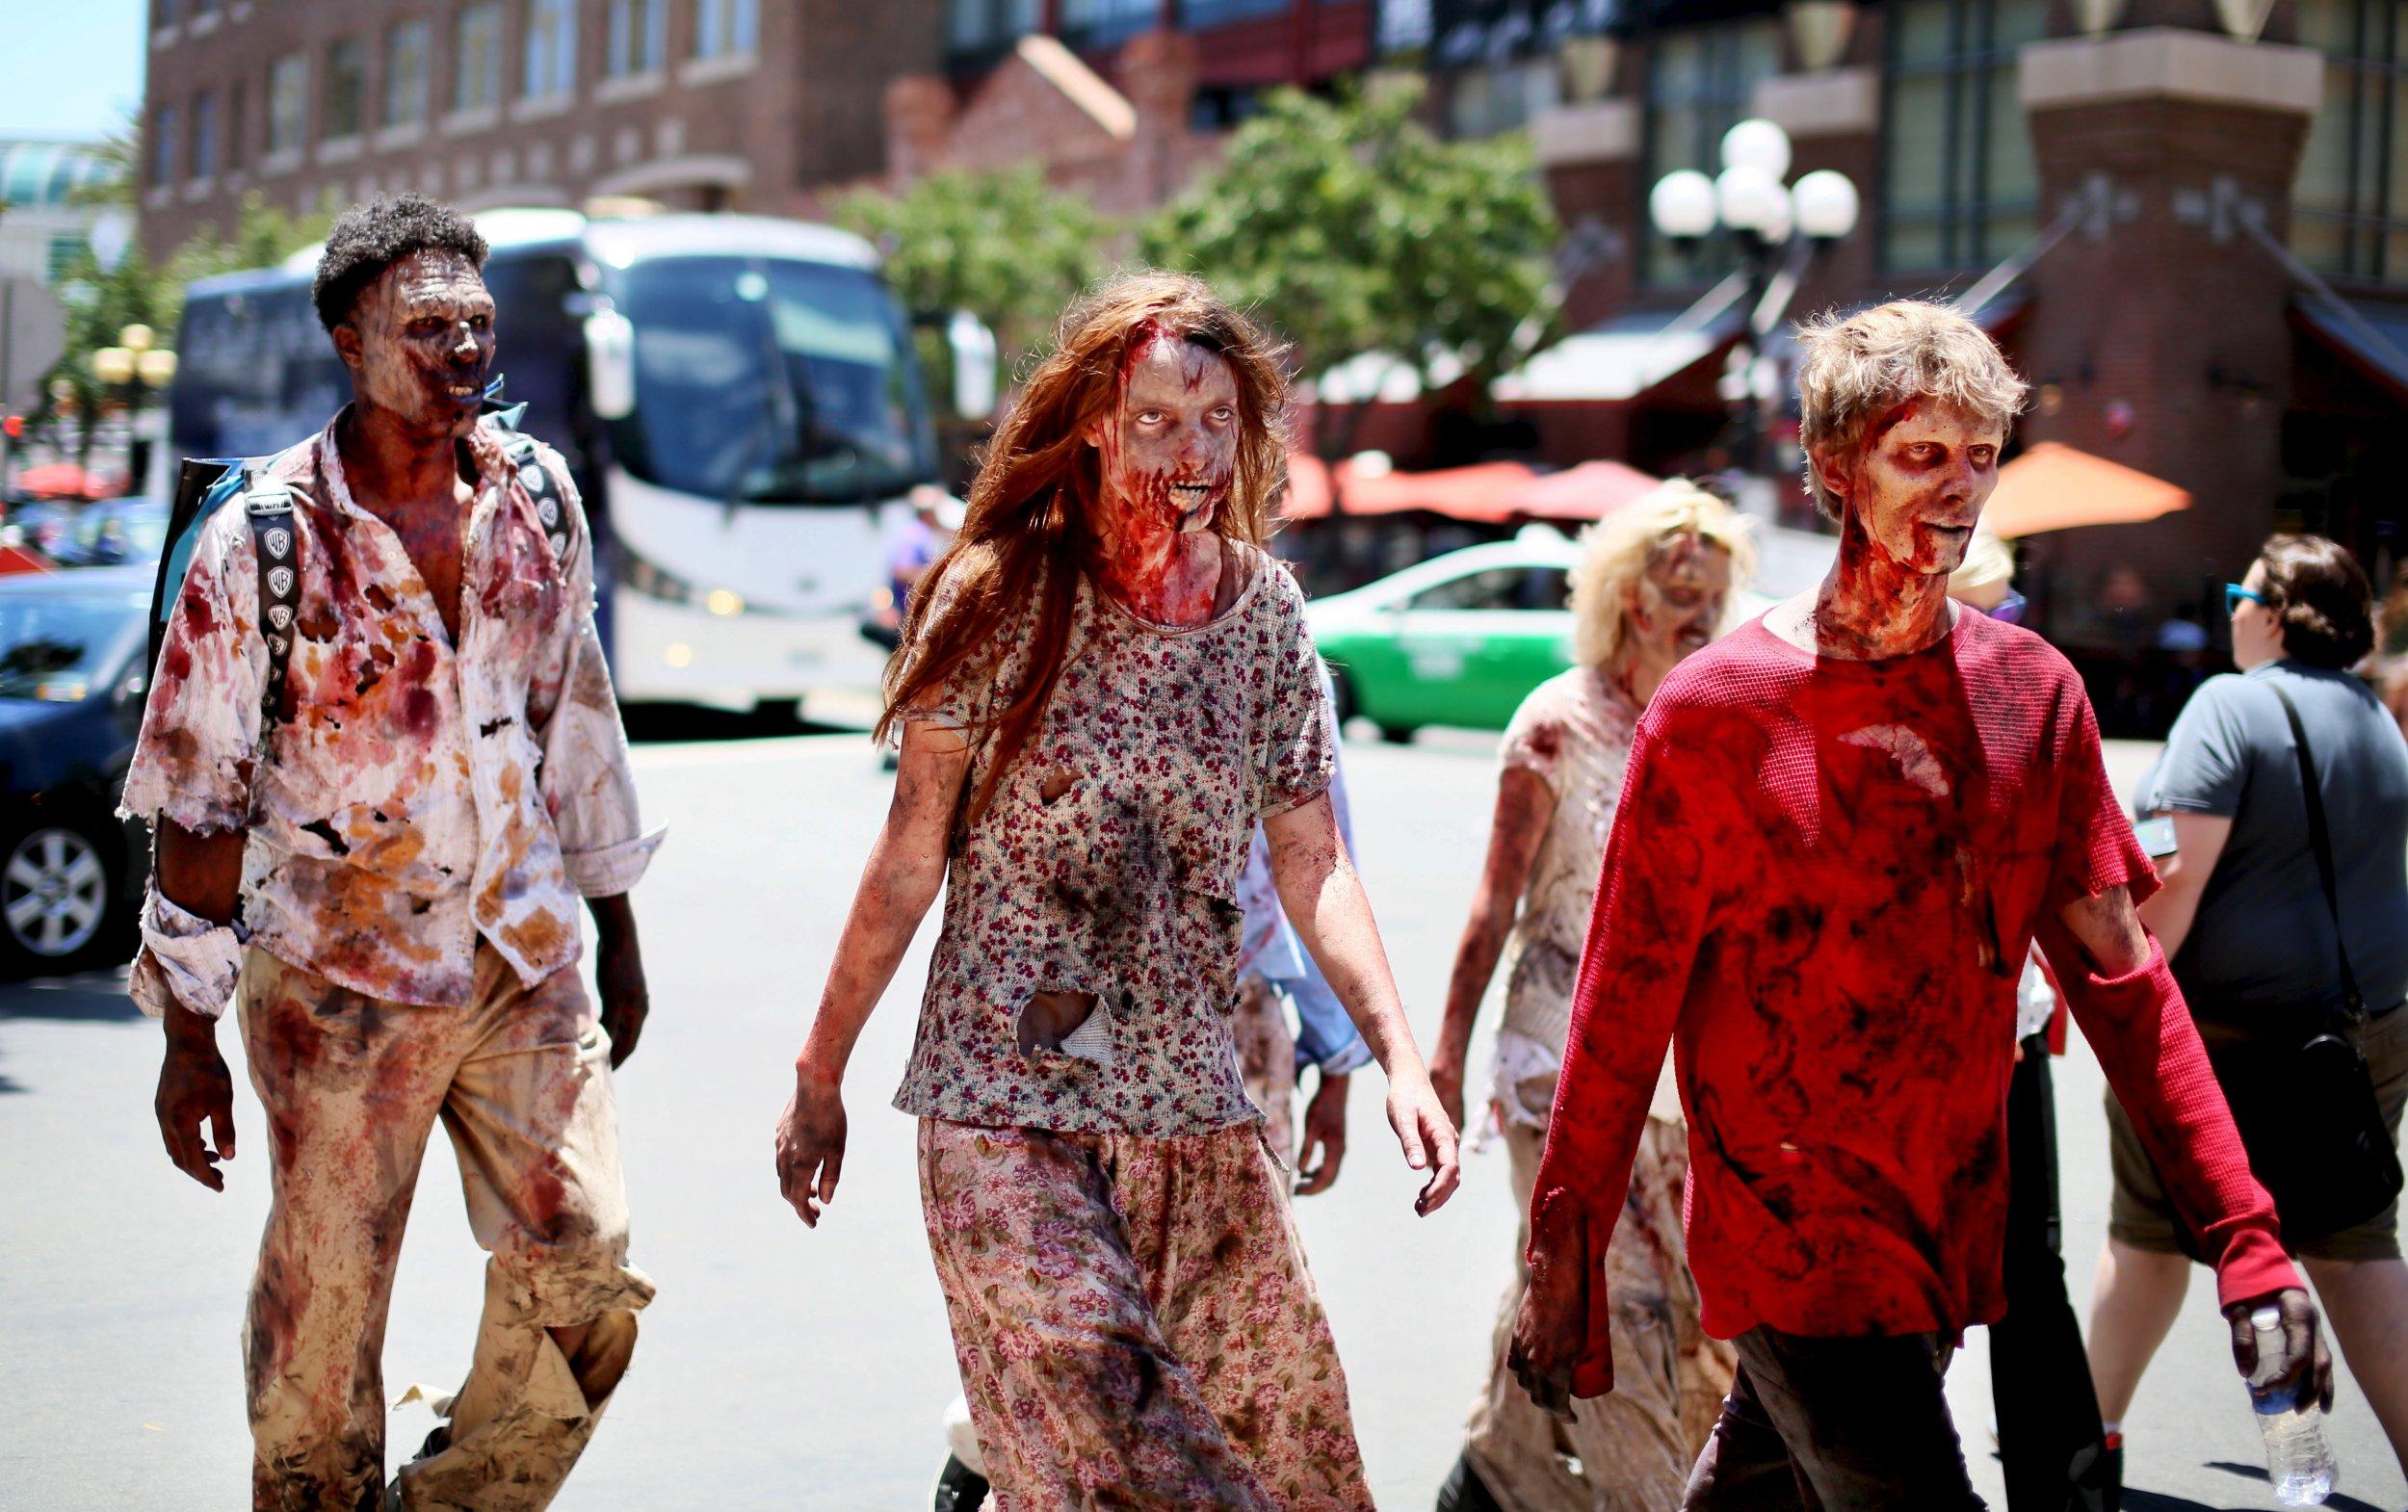 08_21_Zombies_01